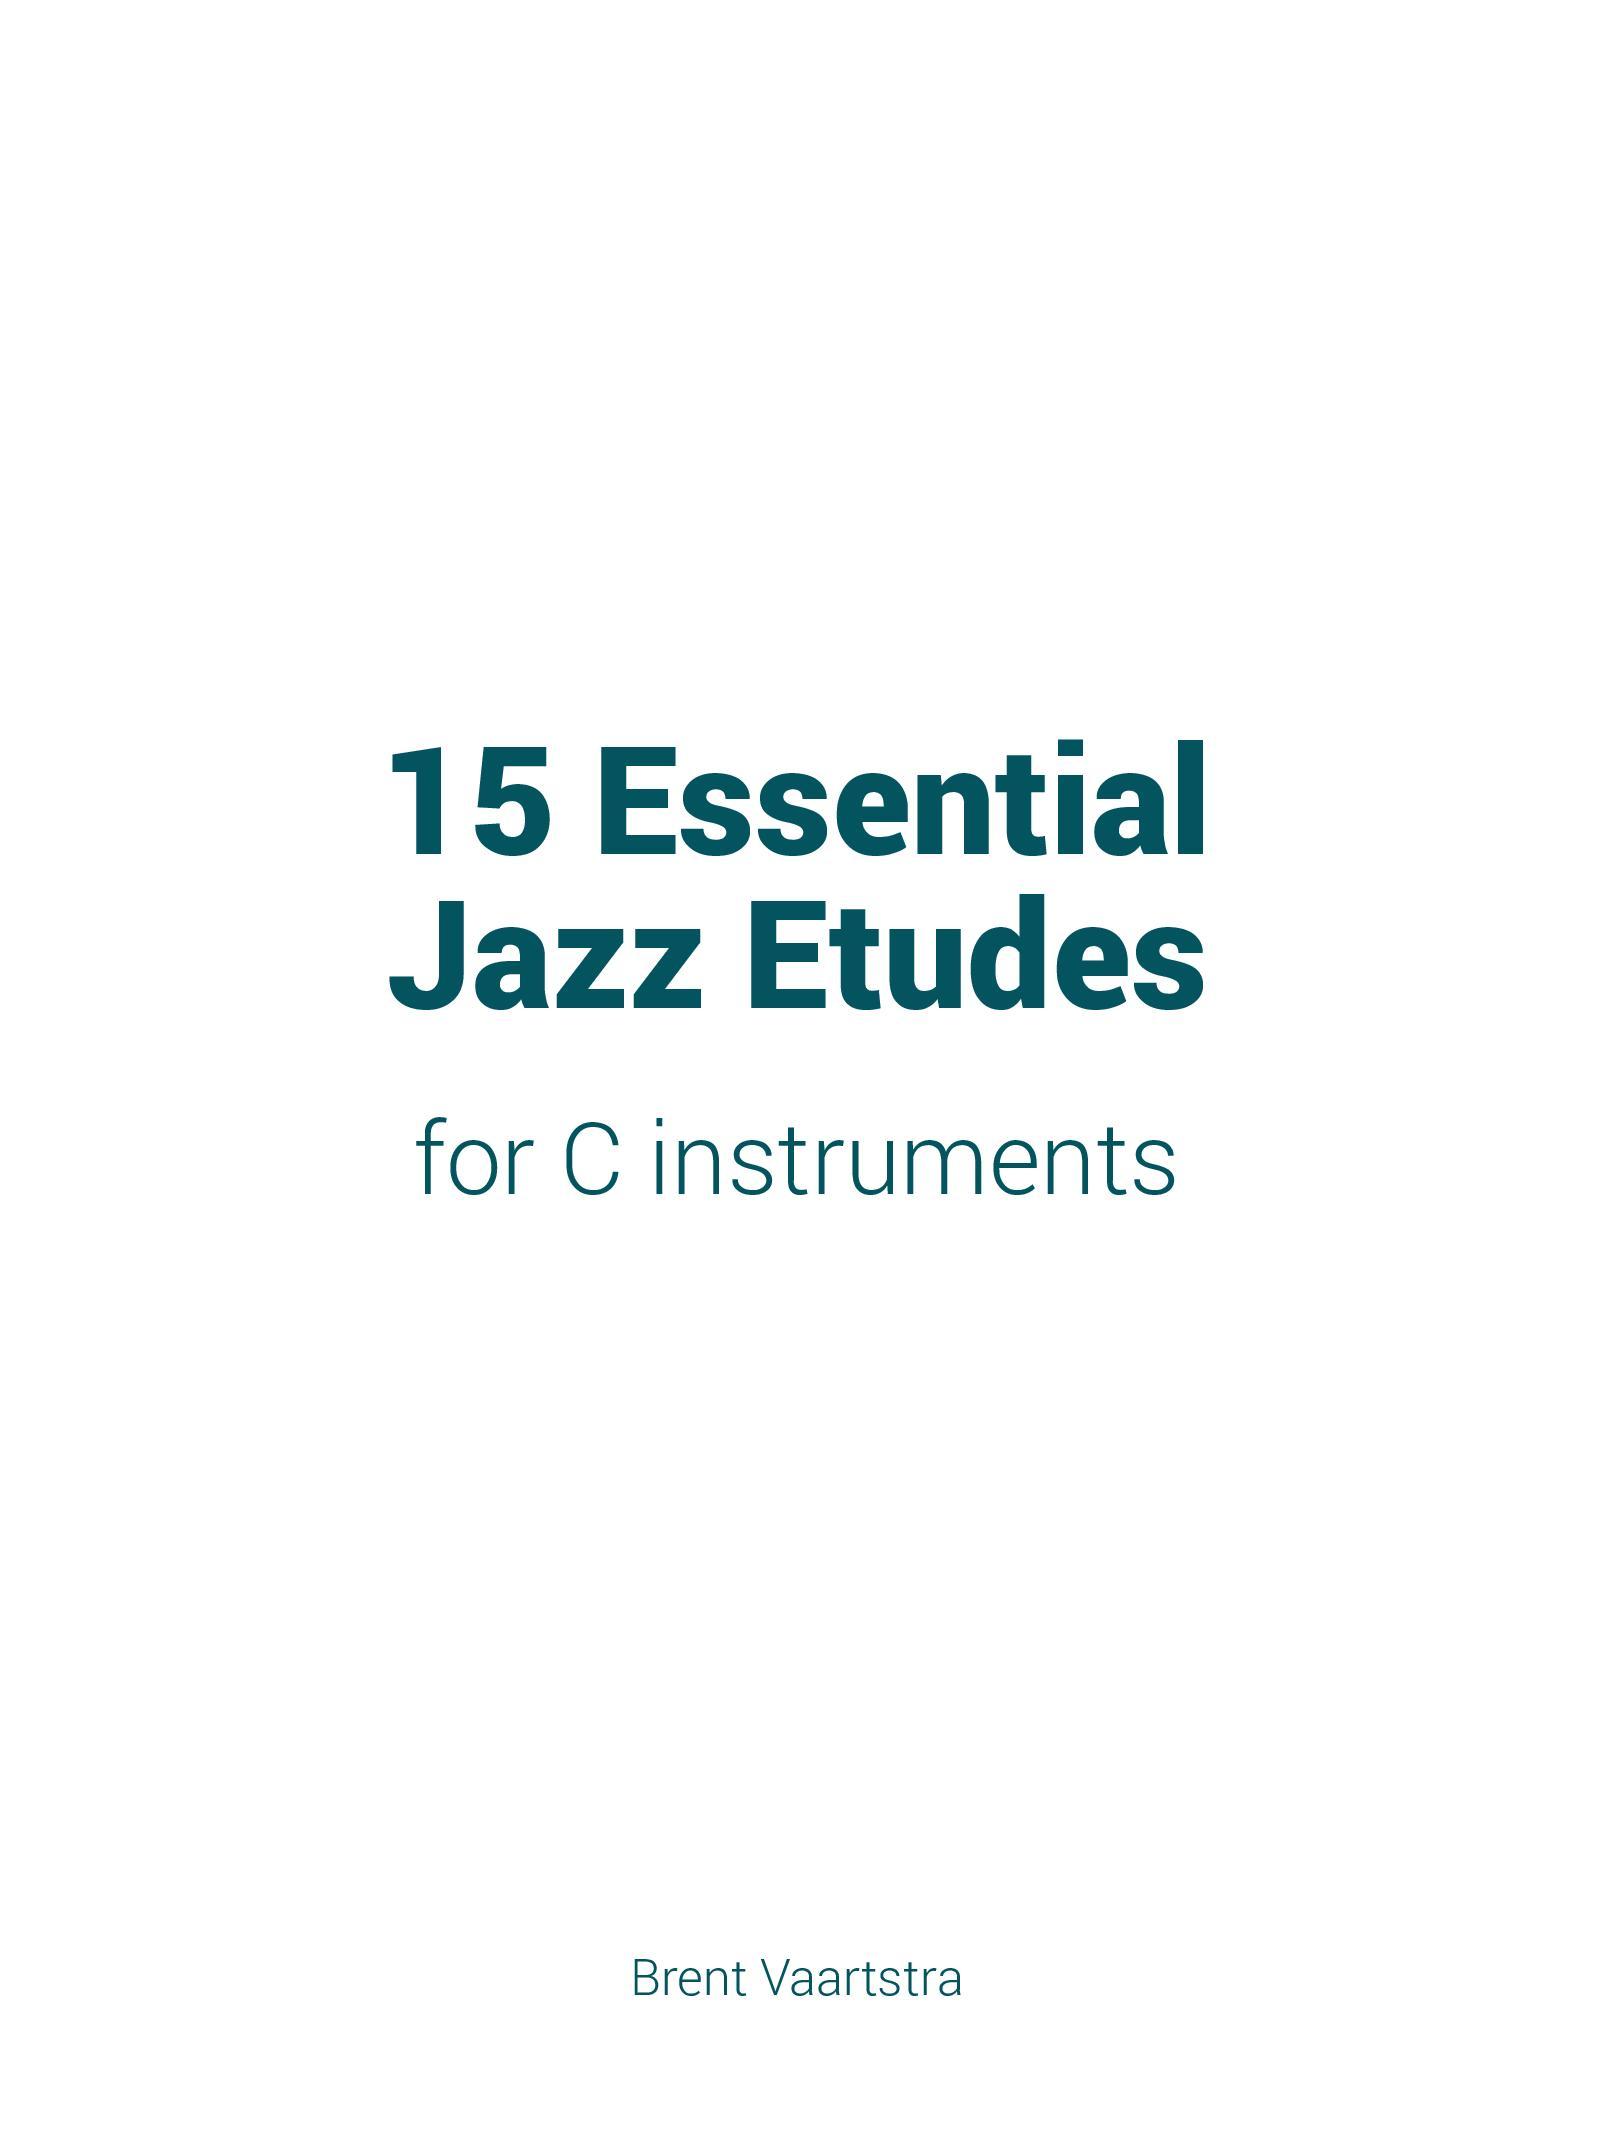 15 Essential Jazz Etudes